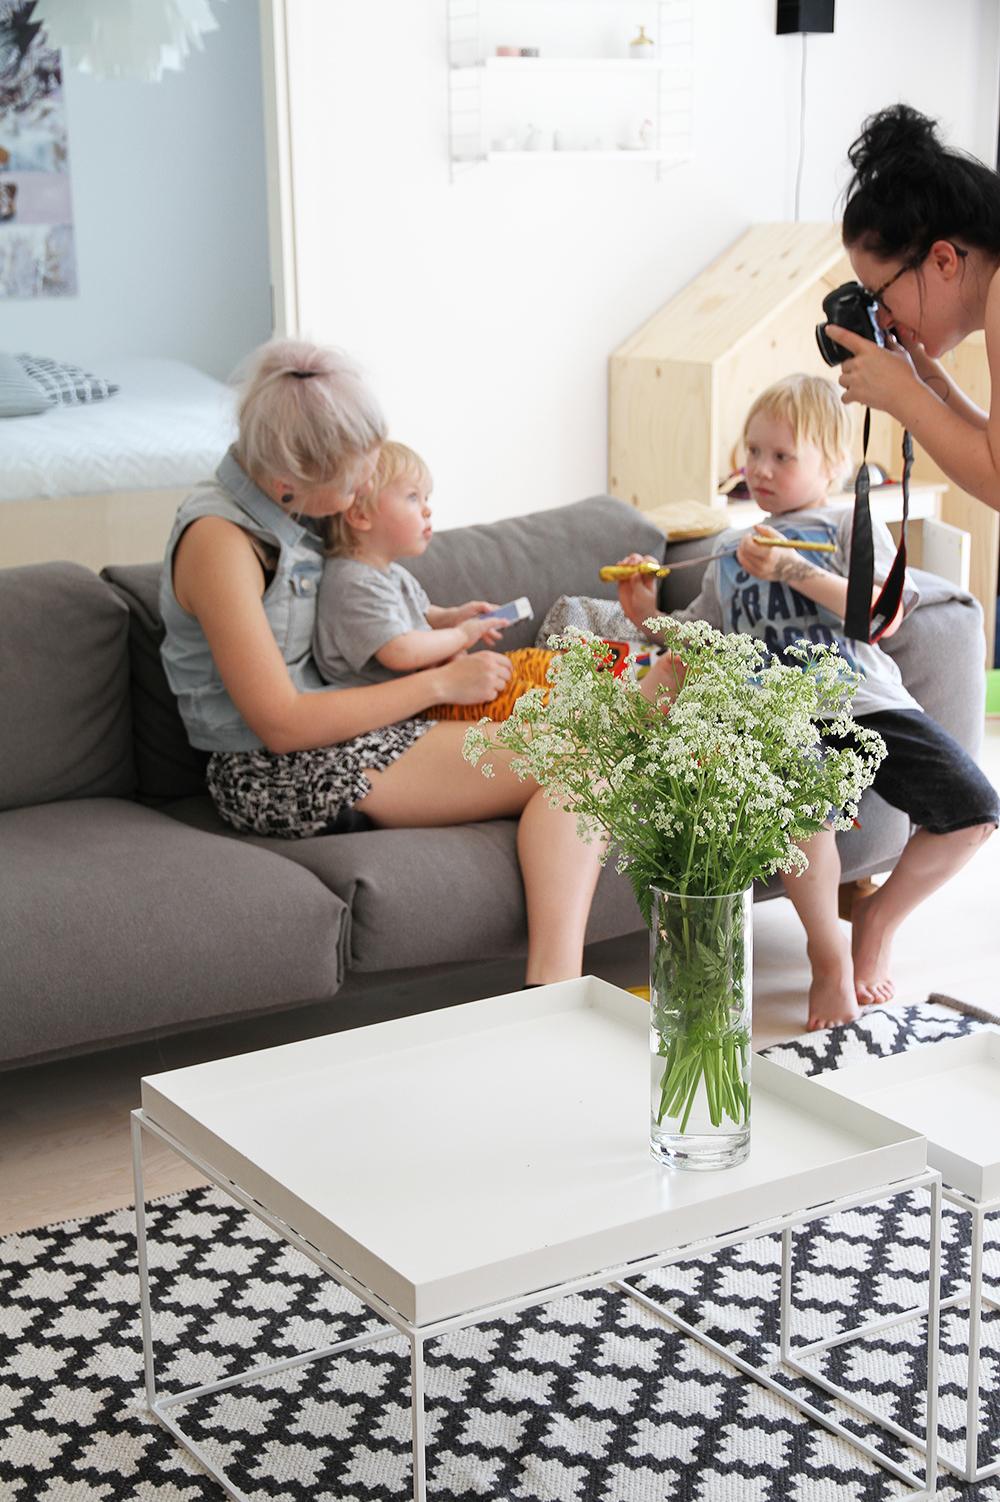 essi eino sohvalla kaisu jouppi muutama hetki hunajaista olohuone sisustus hay muuto